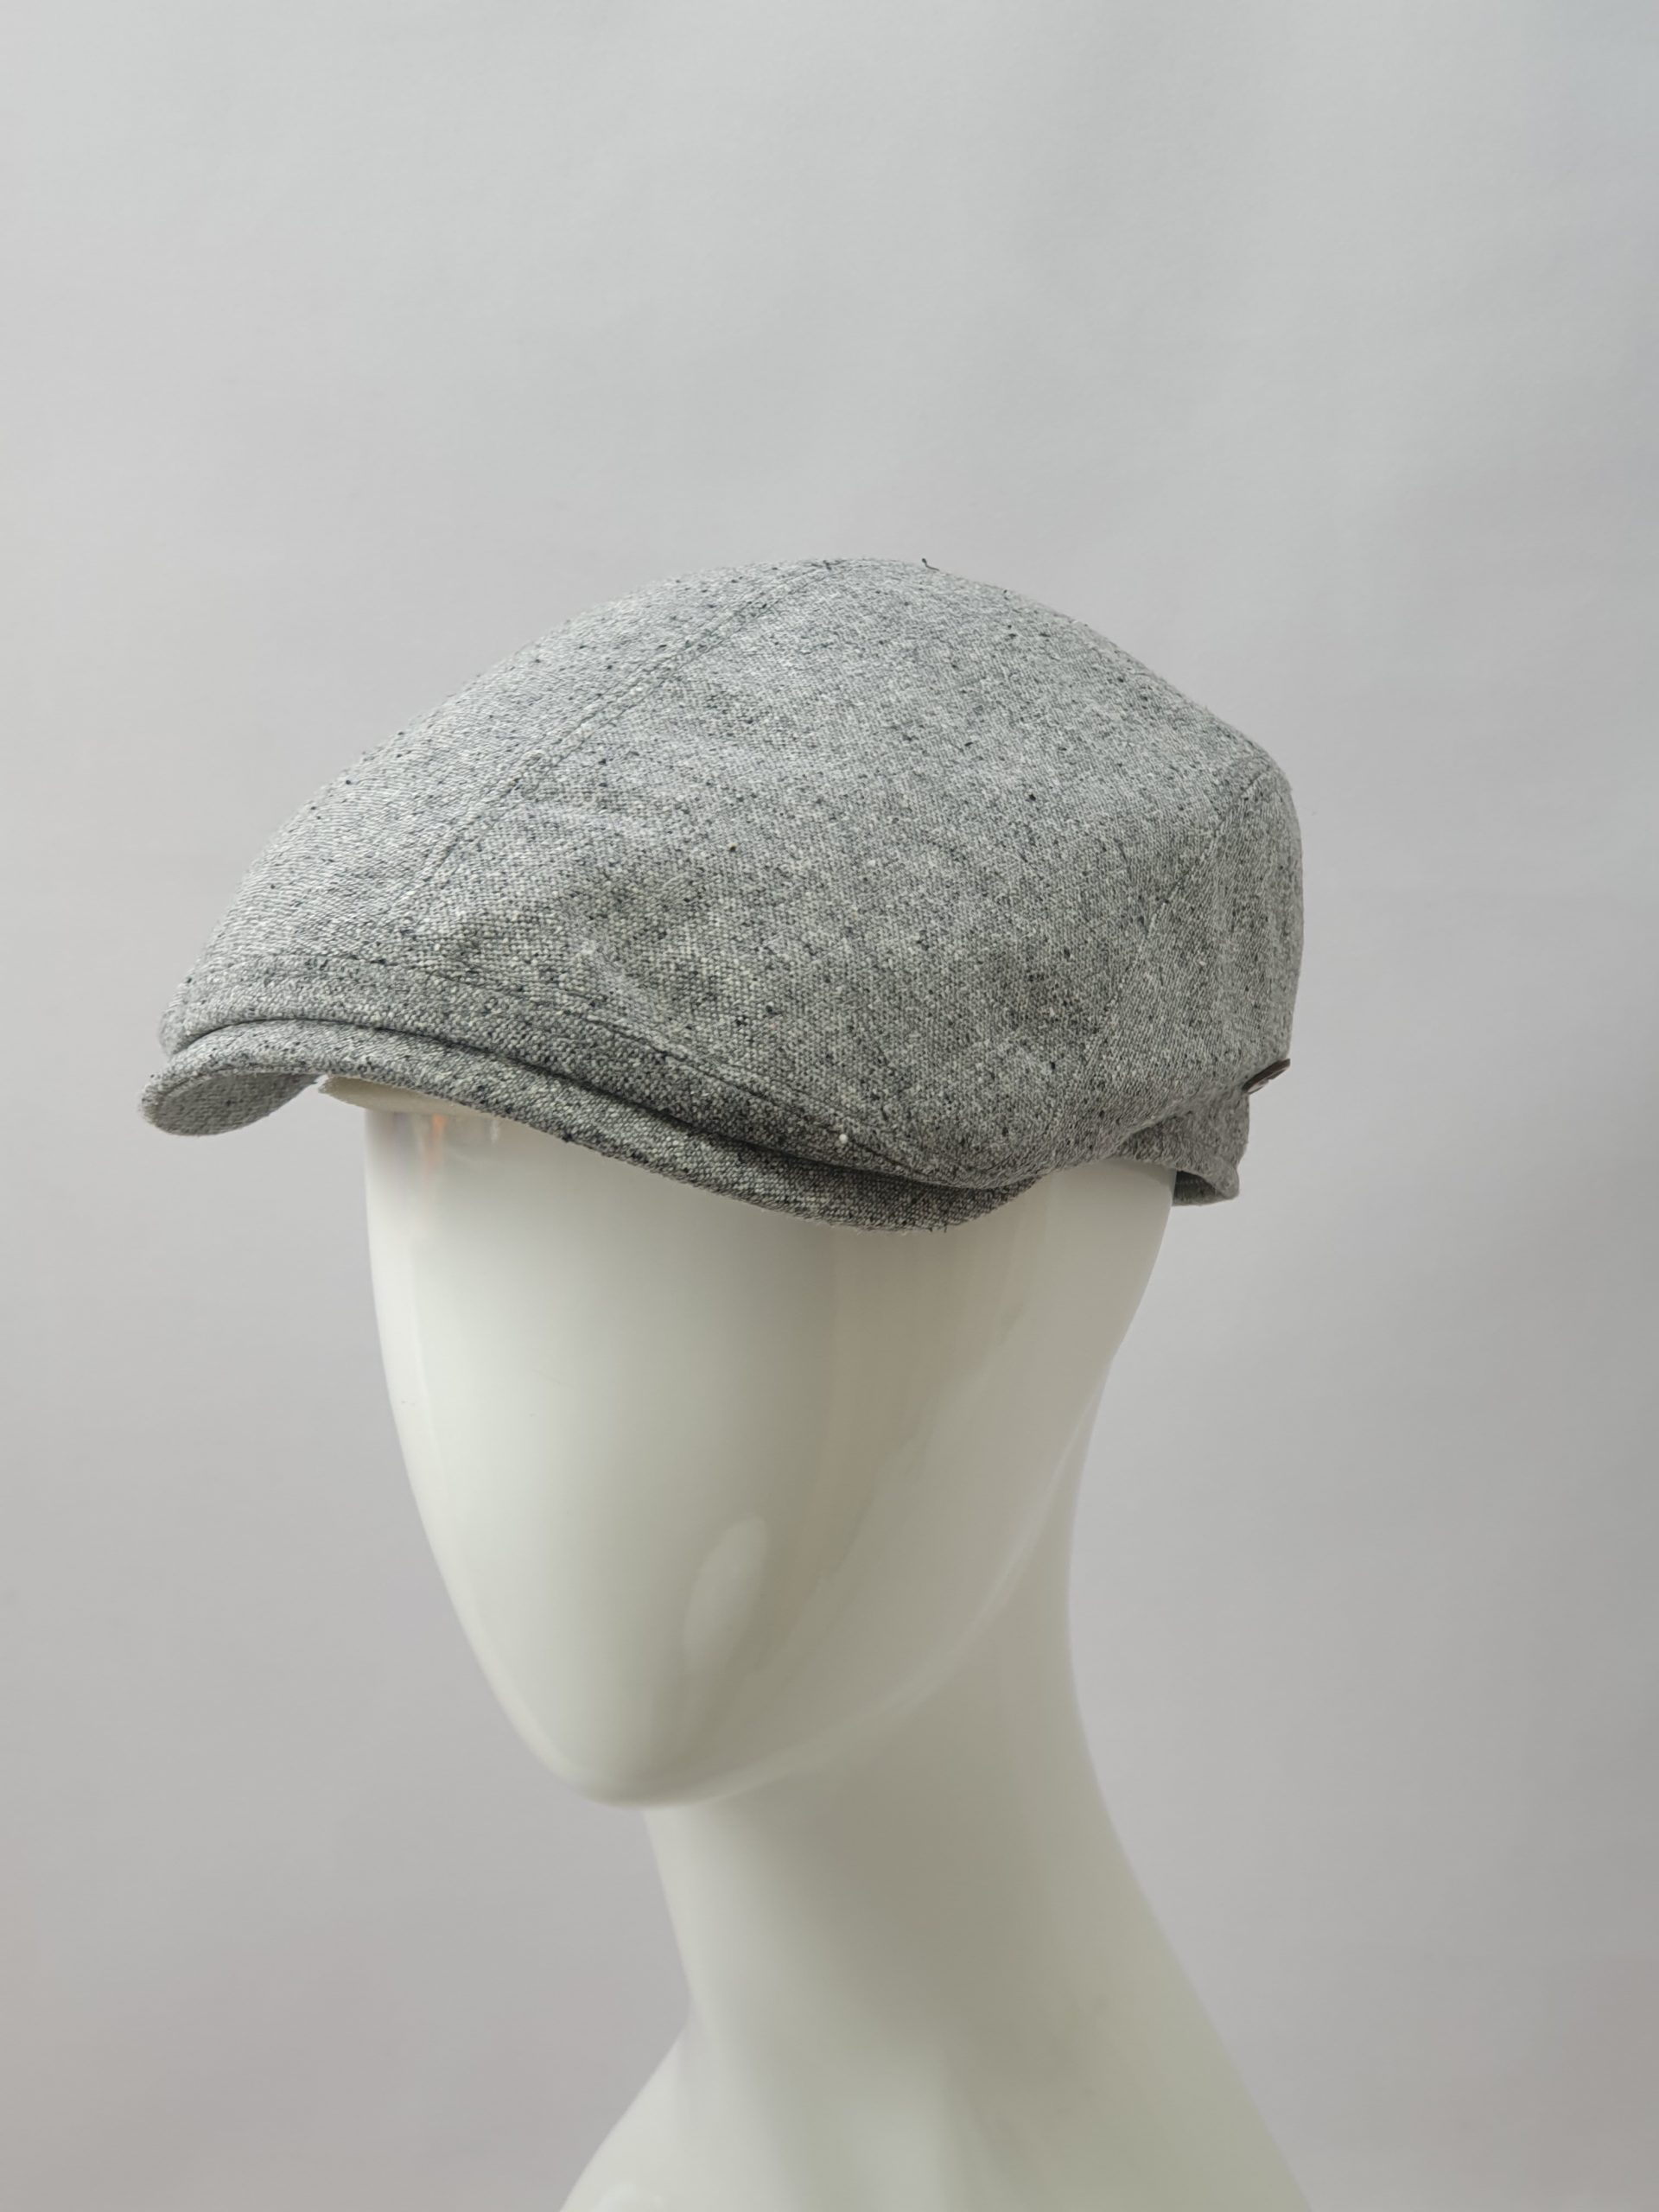 Göttmann Flatcap Jackson blau//beige Gatsby Mütze UV Schutz Sommer Schild Kappe